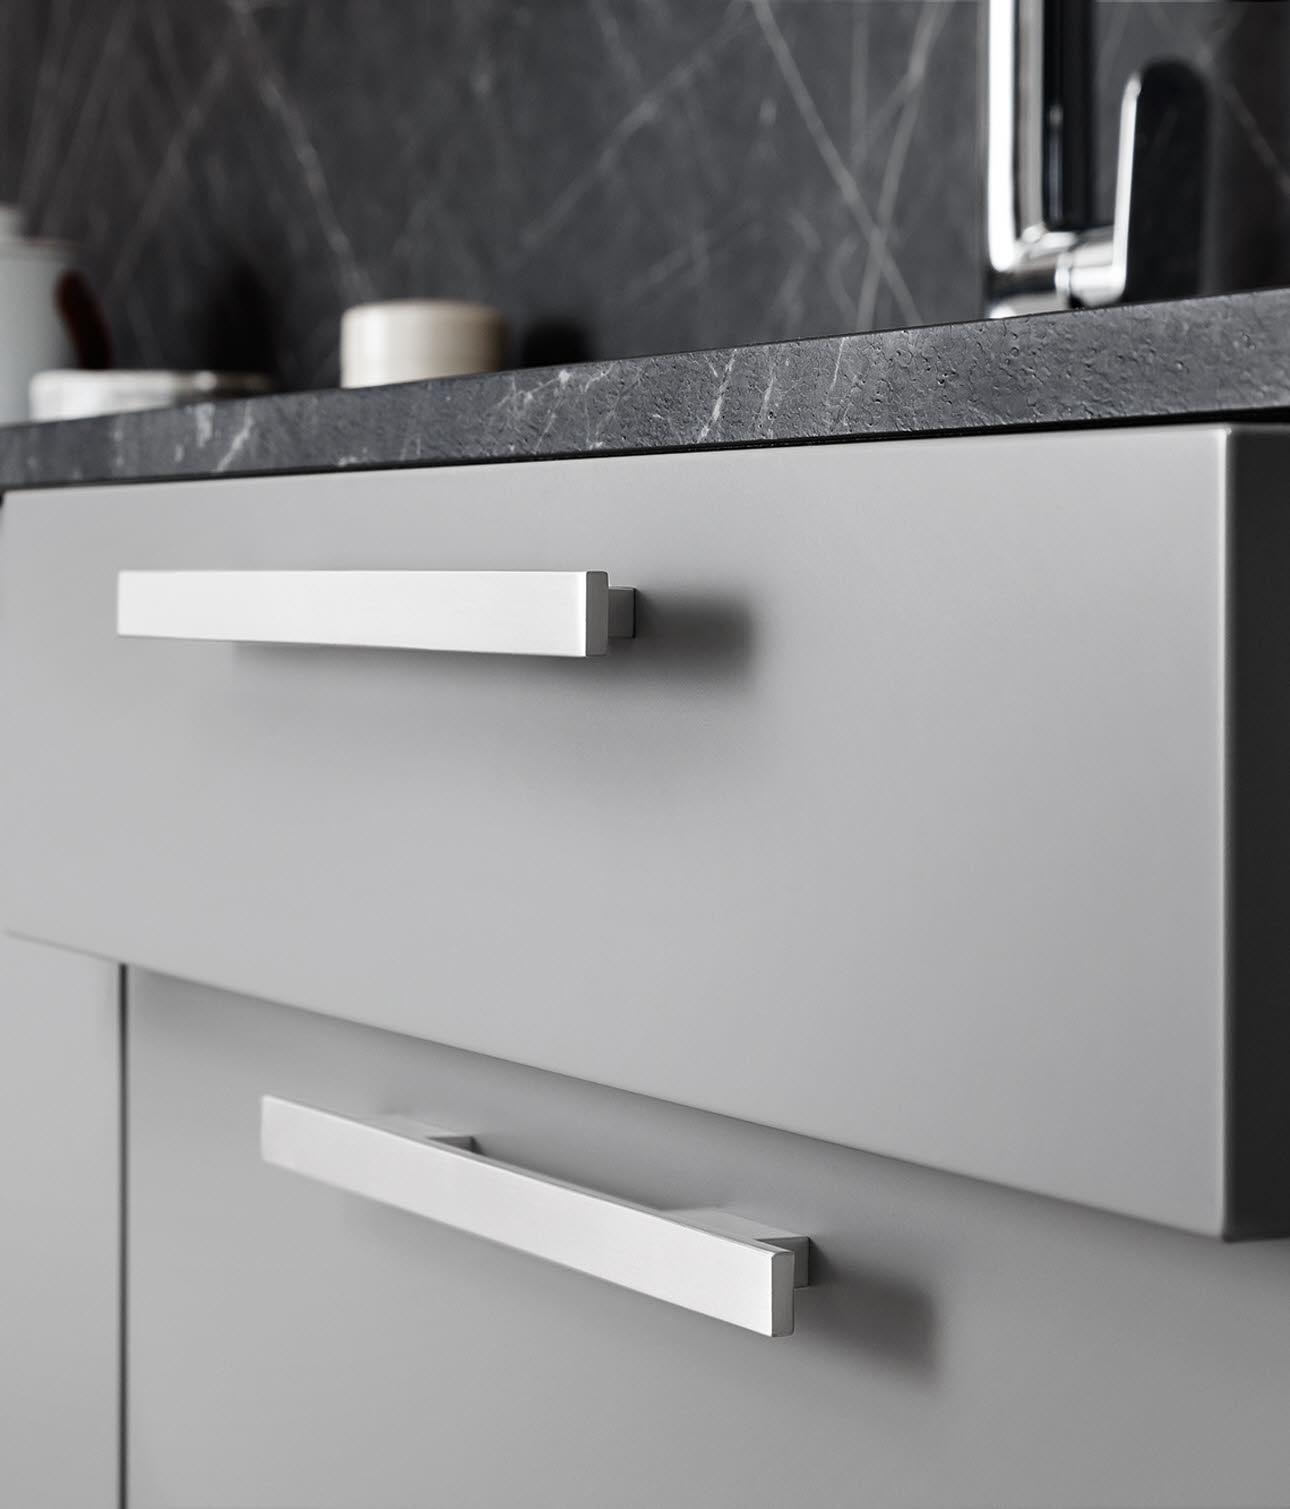 Stylish drawers.